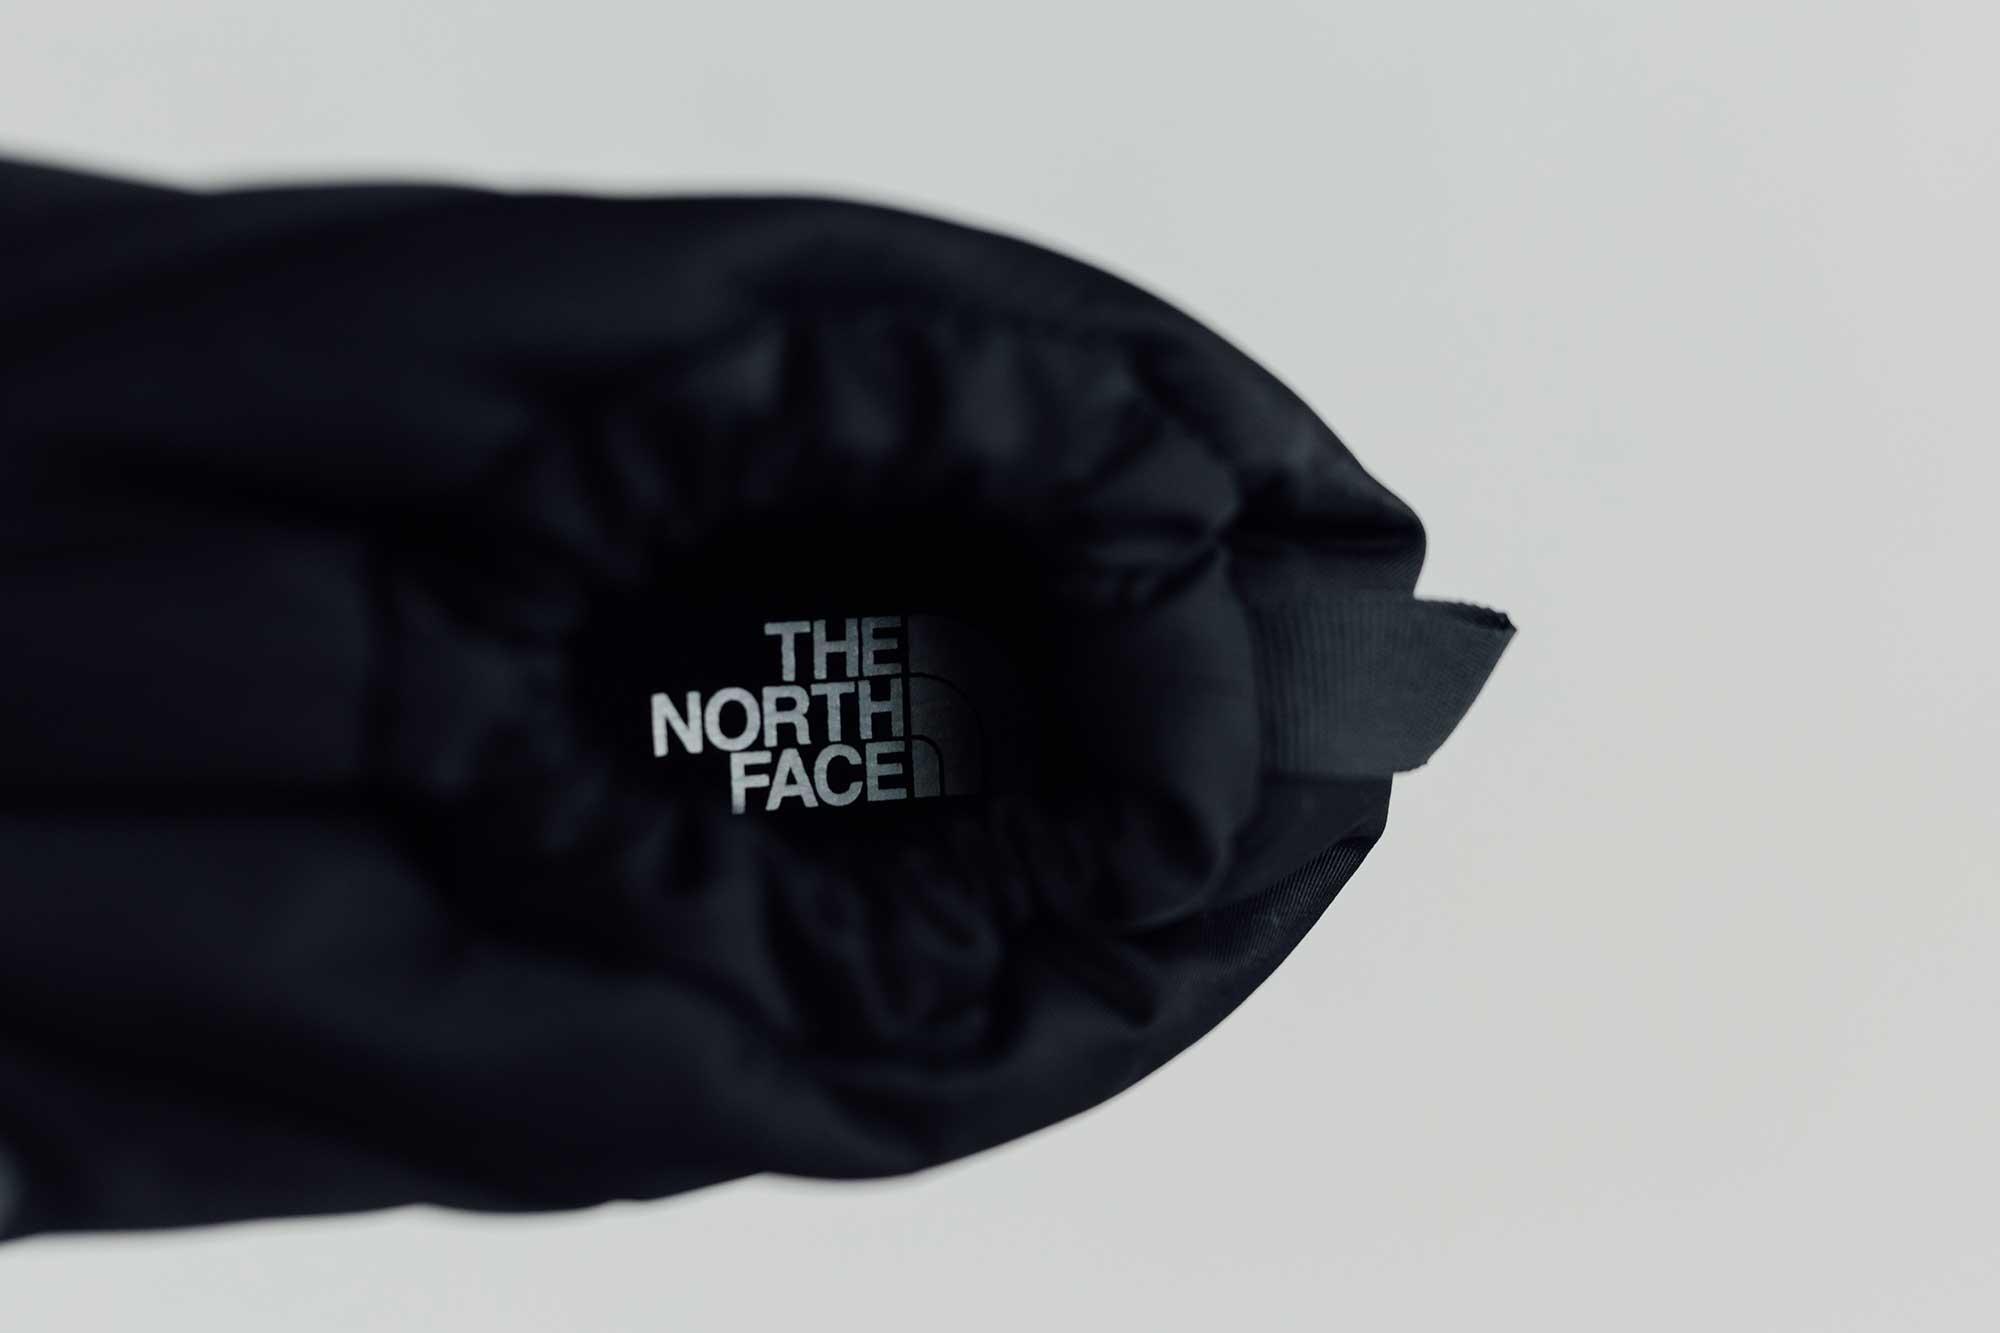 THE NORTH FACE ヌプシ トラクション ライト モック  ブラックナイロン